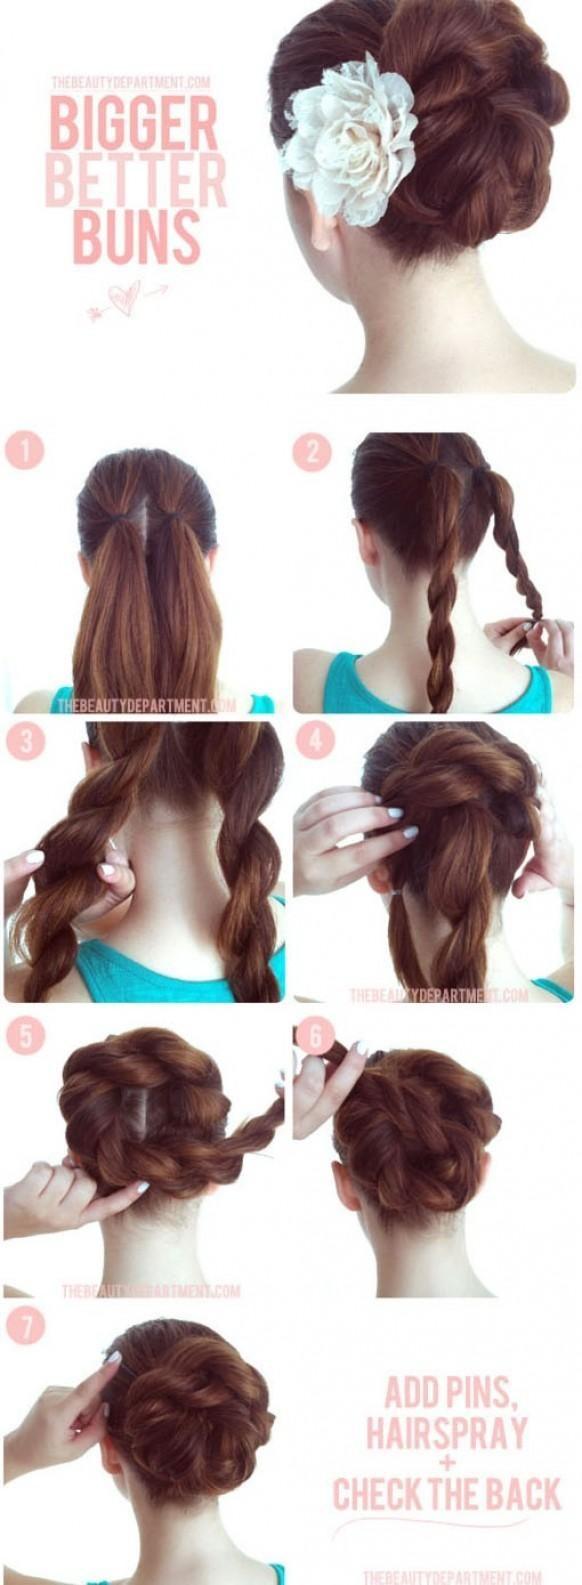 Прическа на очень короткие волосы своими руками пошаговая инструкция